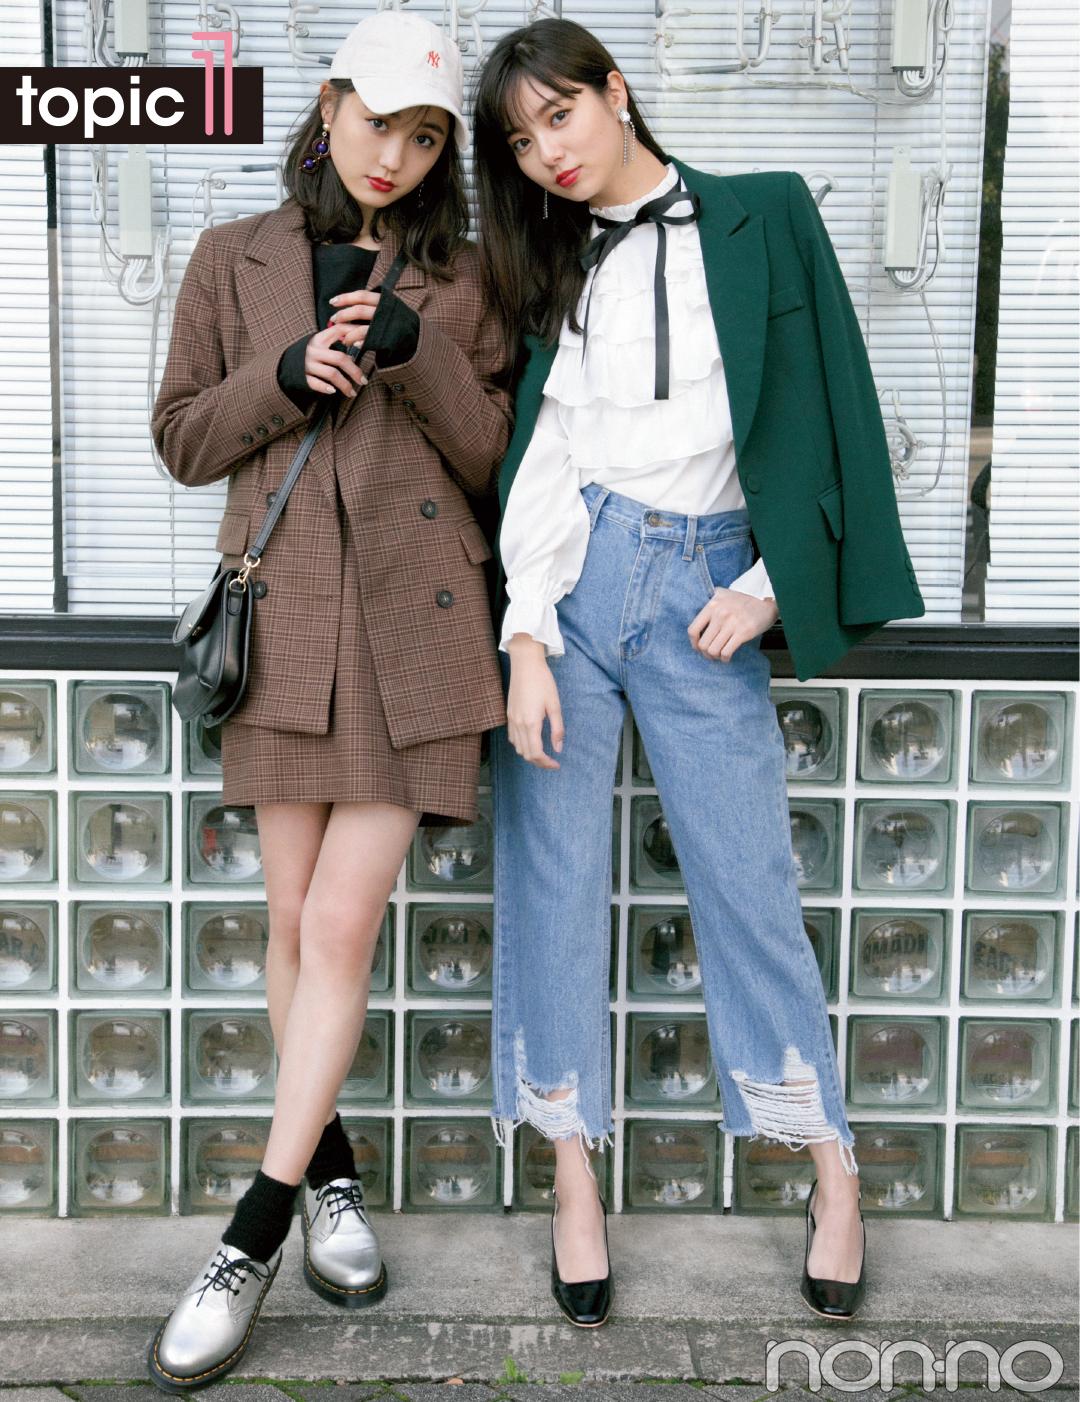 962e77acc77 ワイドパンツや膝丈スカートを合わせるコーデが主流。ゆる&ゆるのバランスに飽きてきた子には、メリハリのある韓国っぽいスタイリングがハマるかも♡